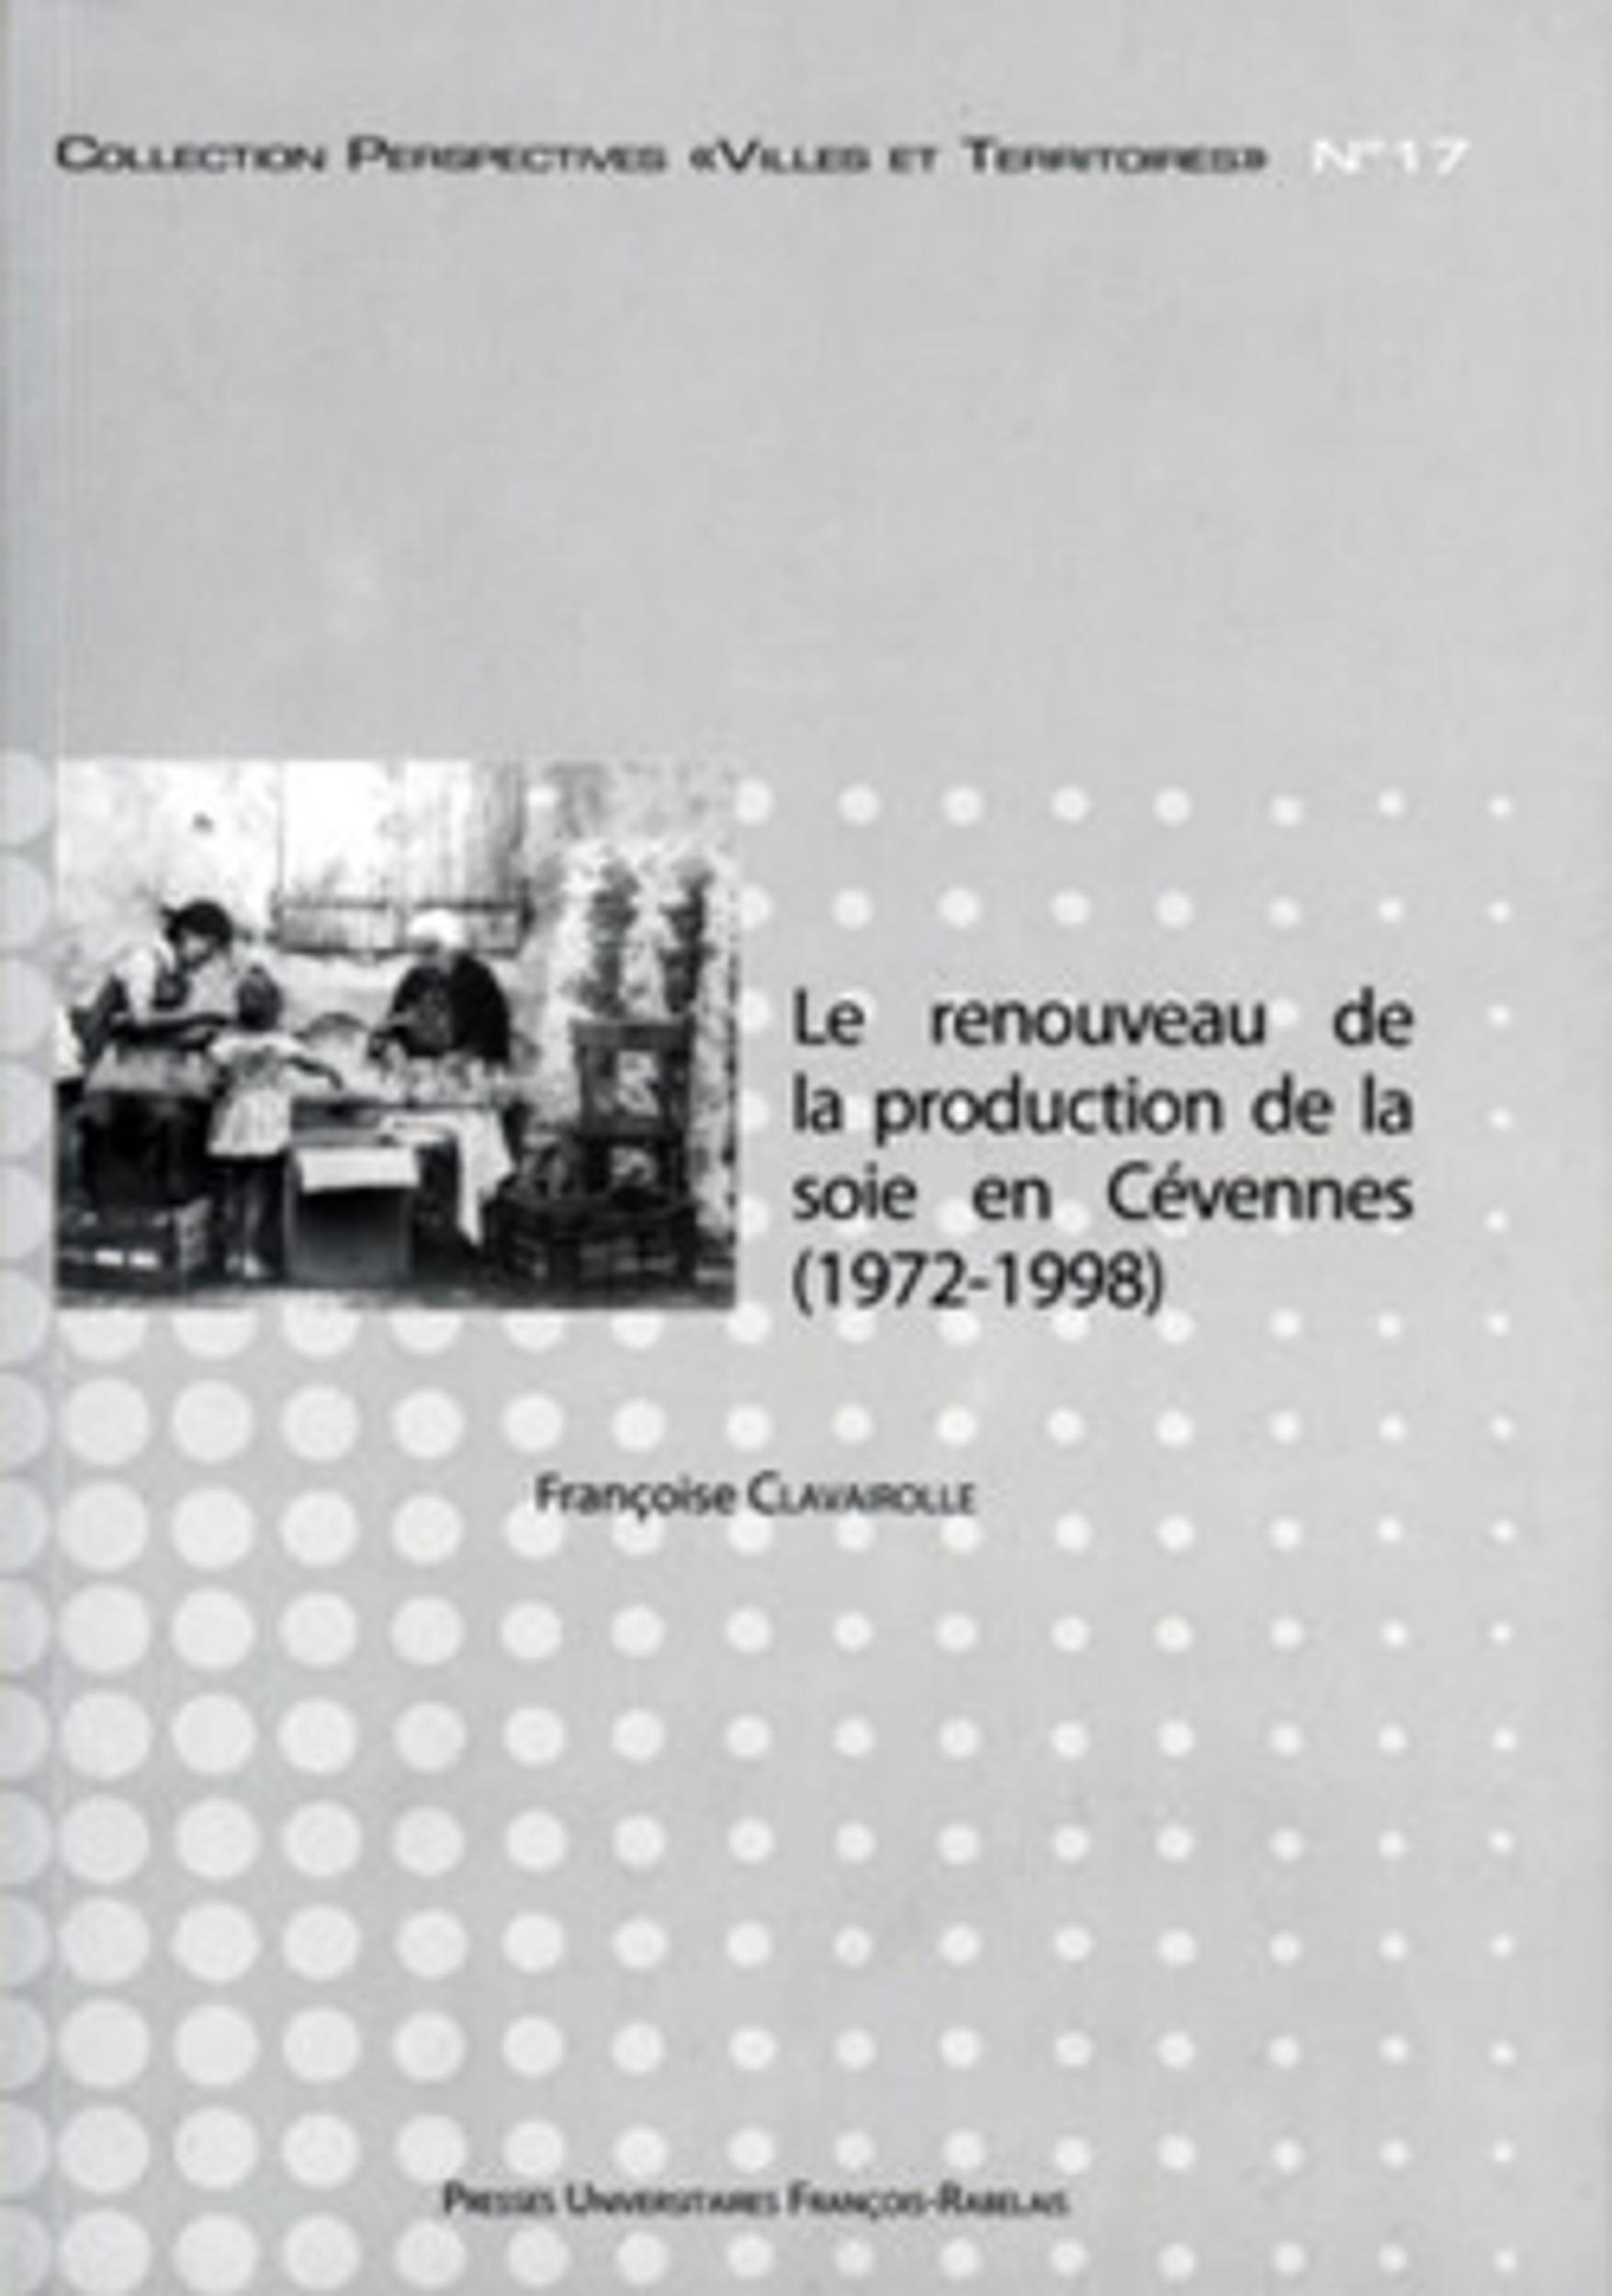 Chronique d'une relance annoncée le renouveau de la production de la soie en Cévennes (1972-1998)